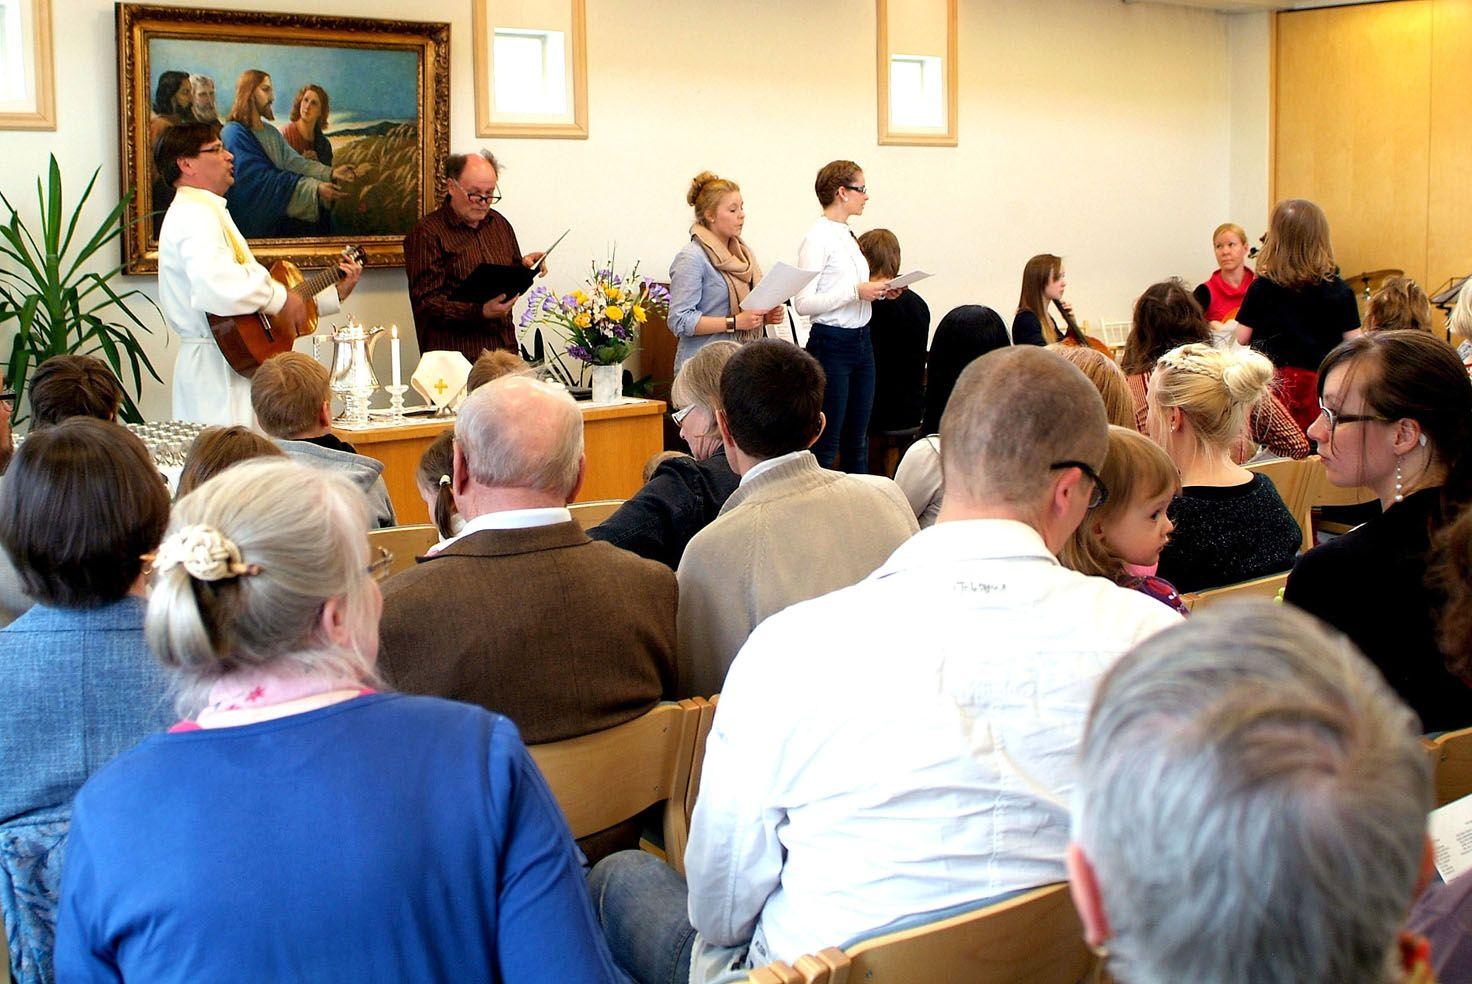 Perhemessu Sipusaaren seurakuntakodissa